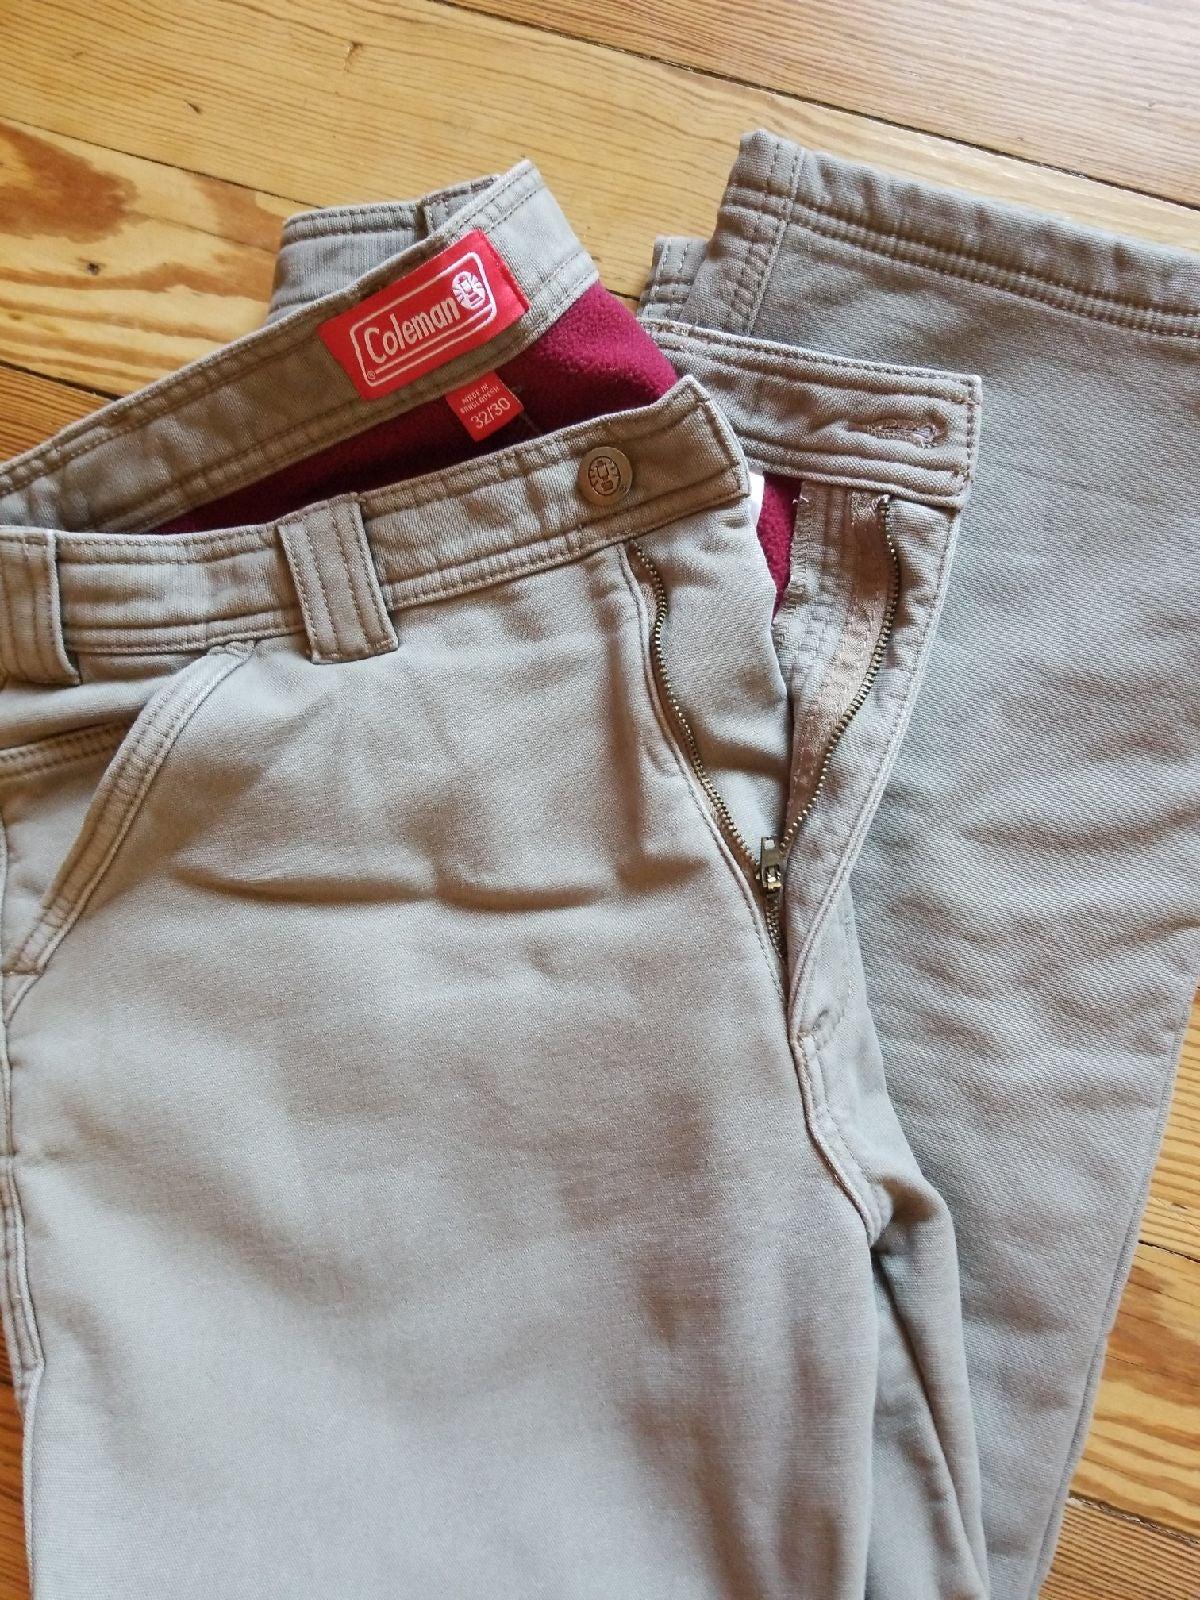 Coleman Fleece-lined work pants